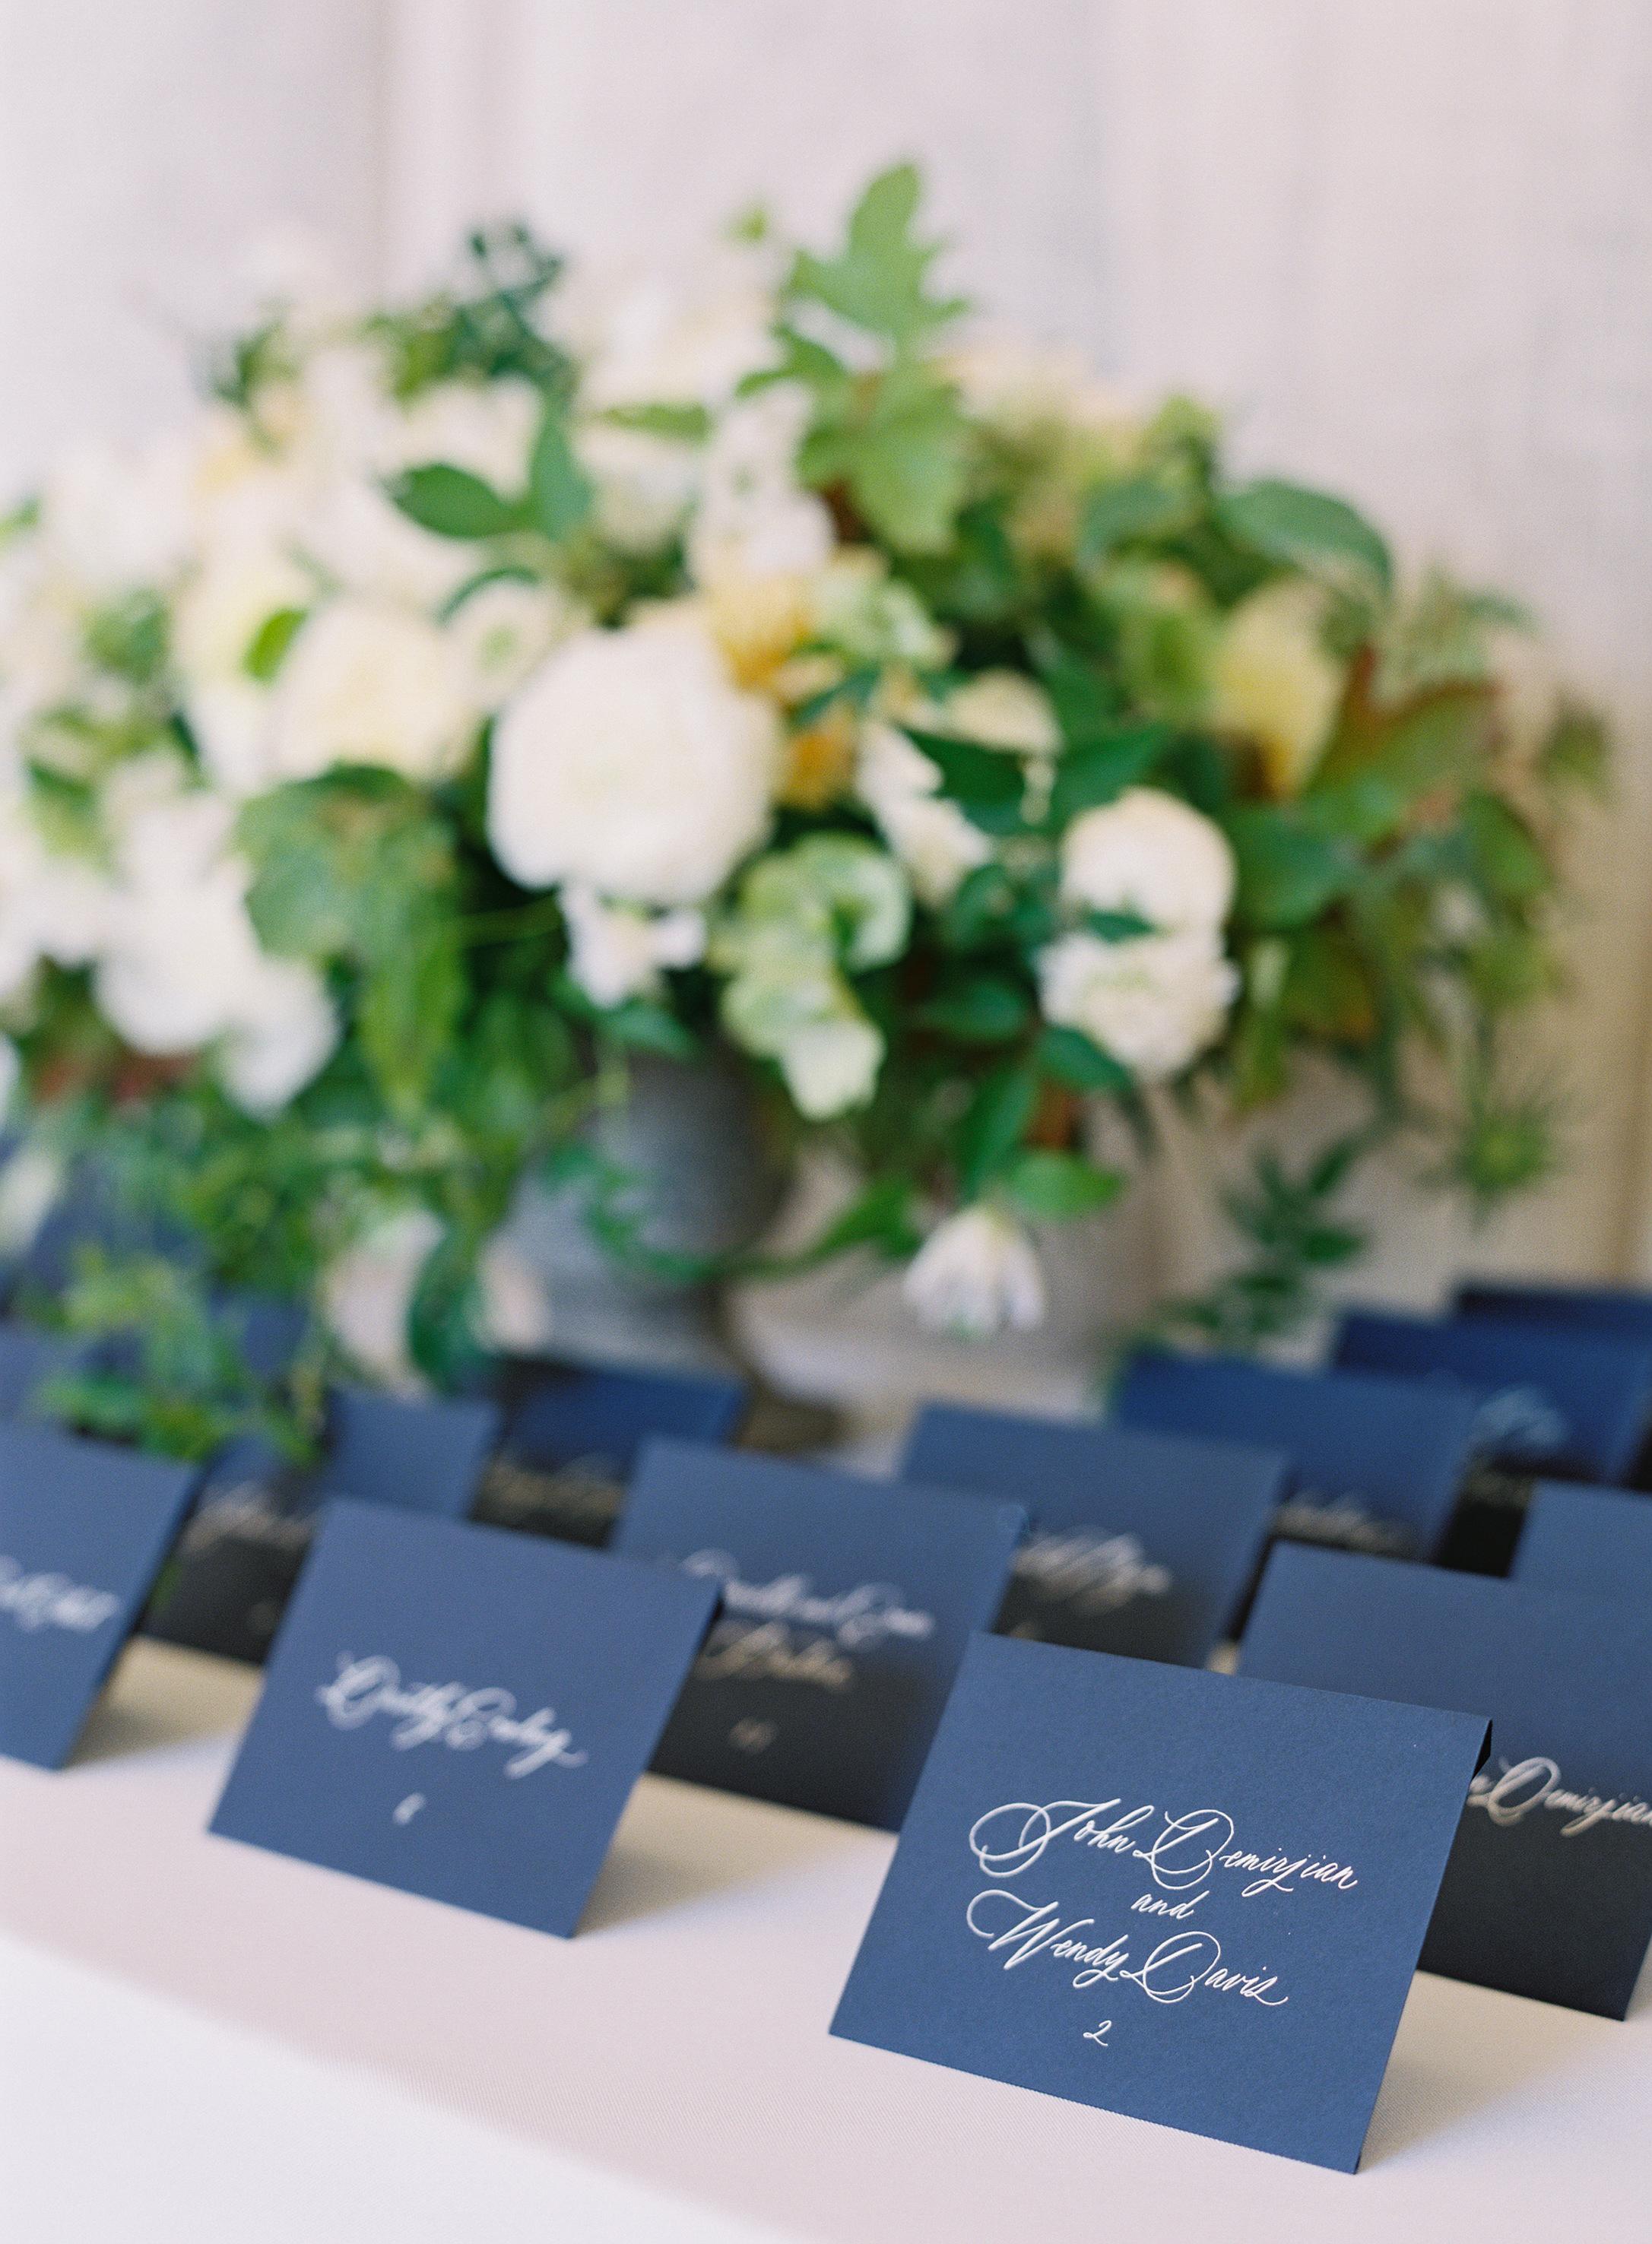 burdiak-wedding-438.jpg